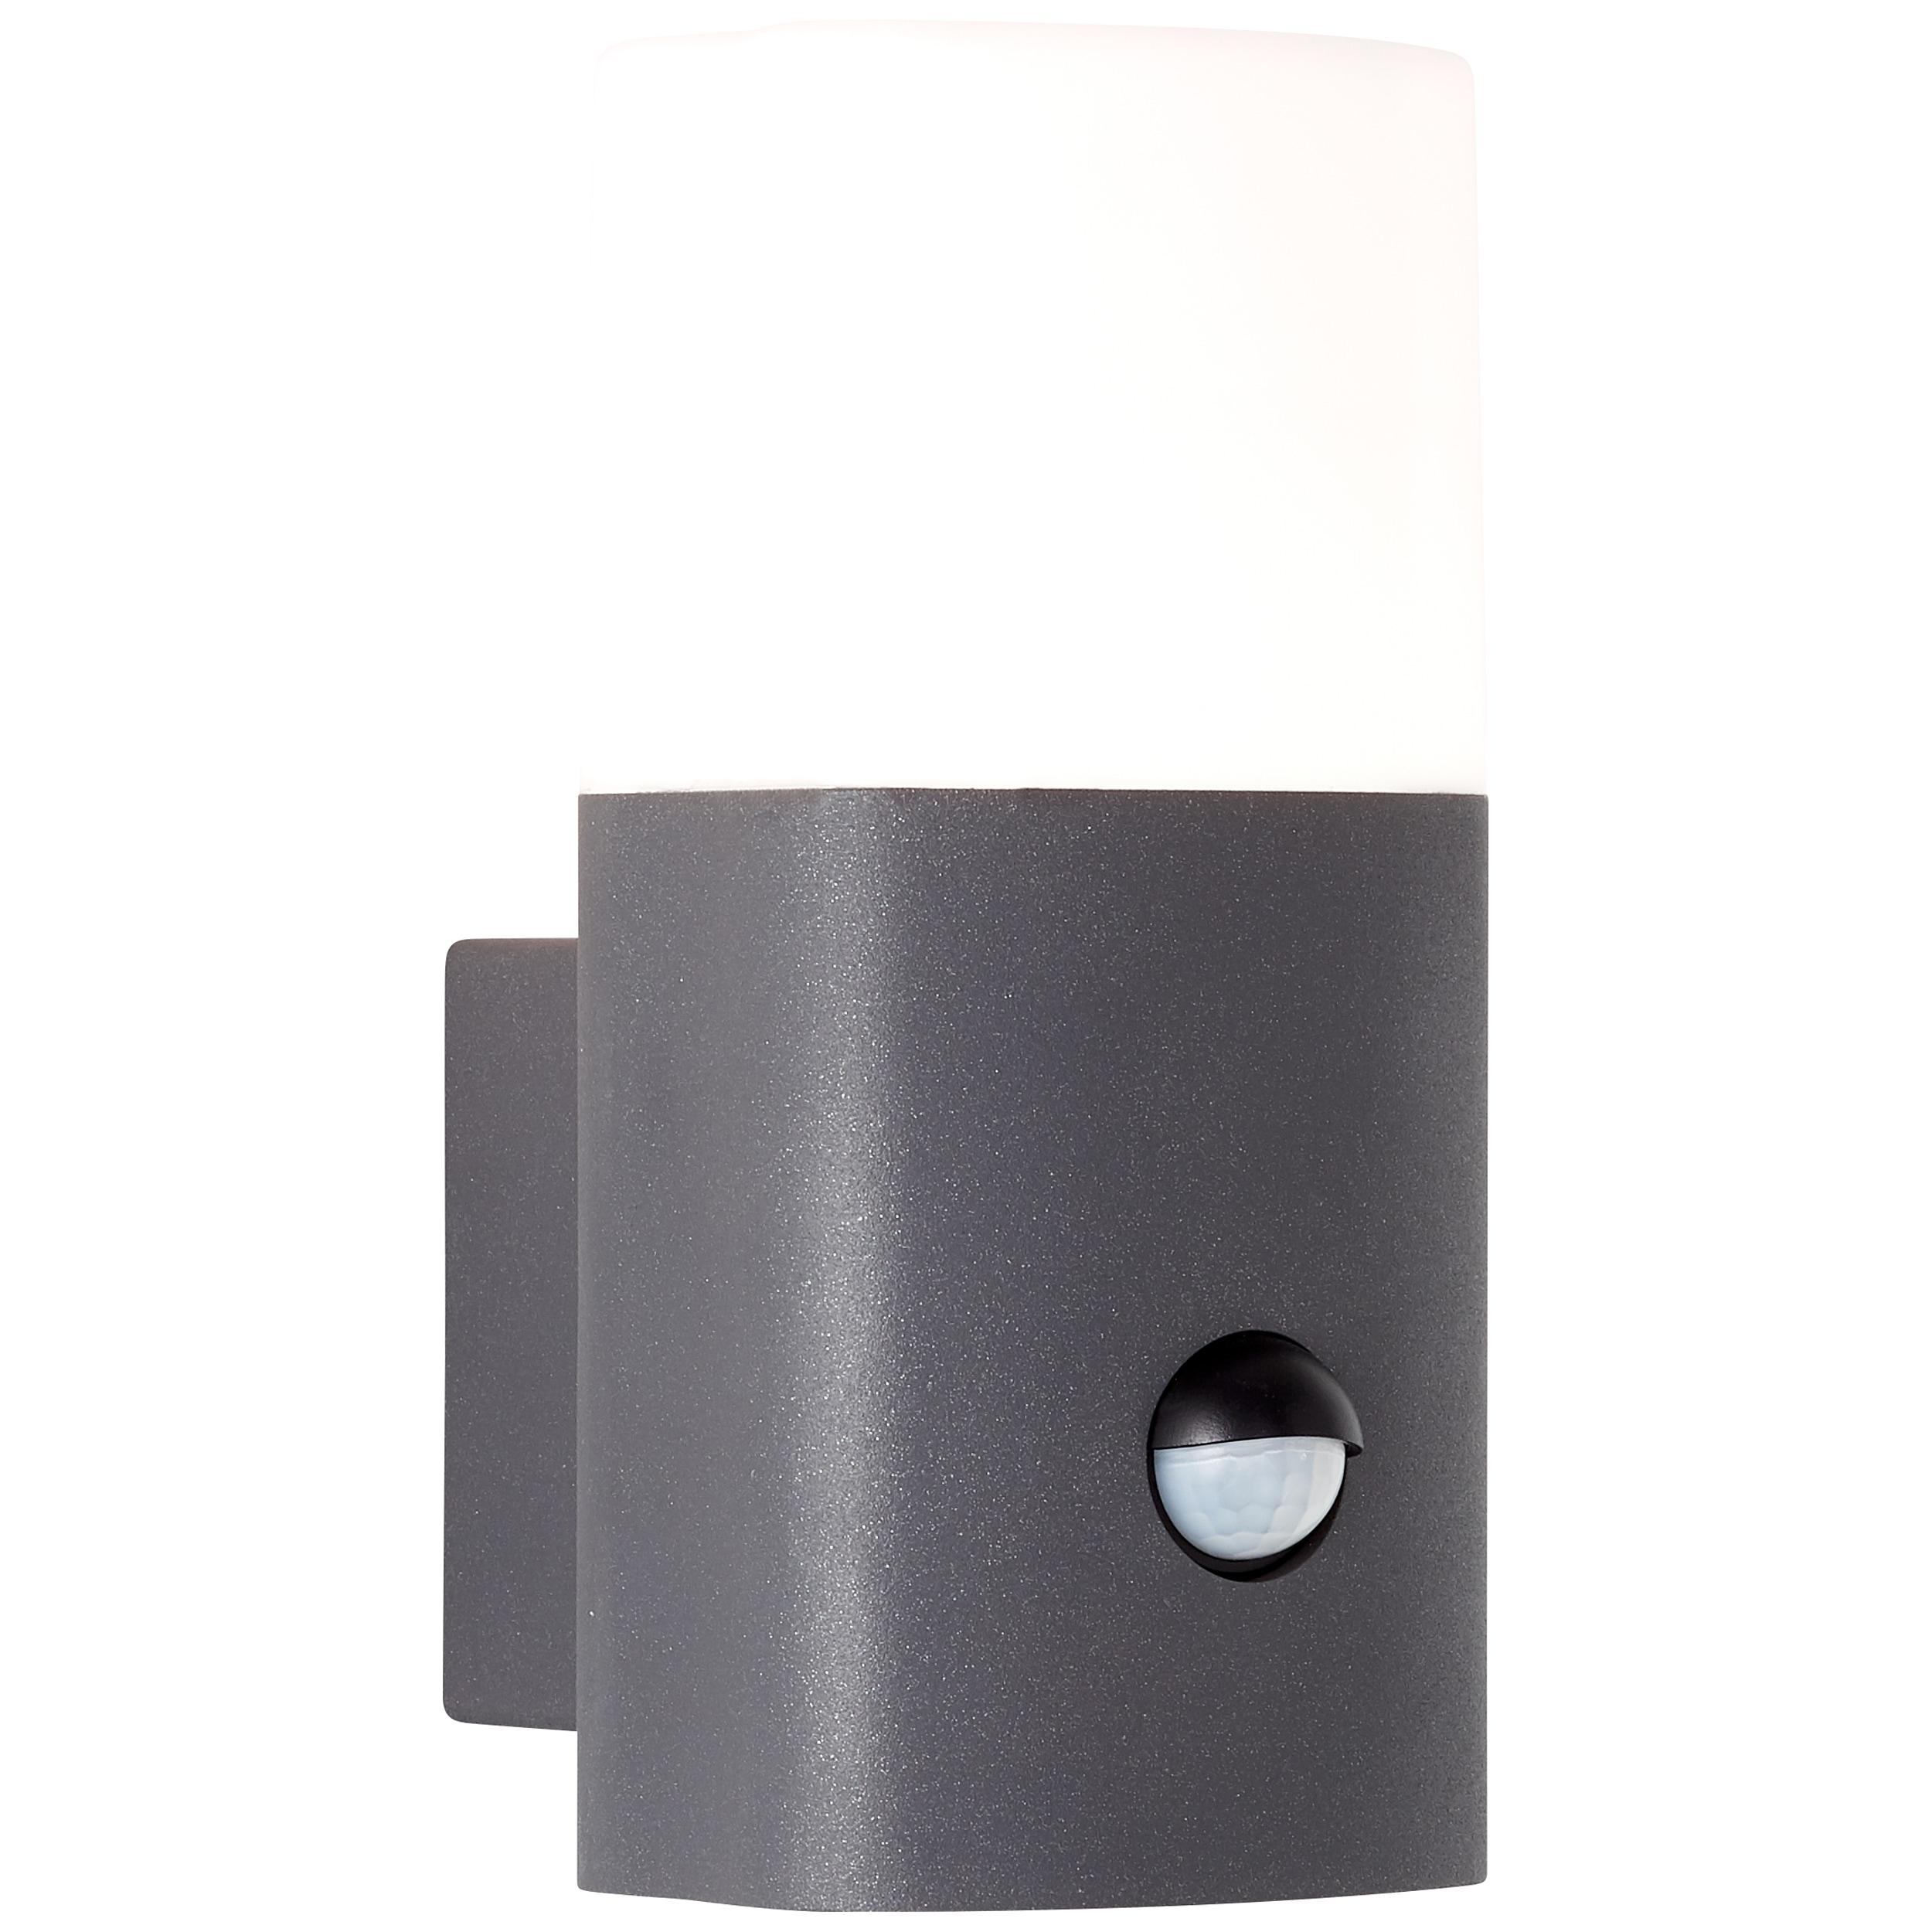 AEG Farlay LED Außenwandleuchte stehend Bewegungsmelder anthrazit